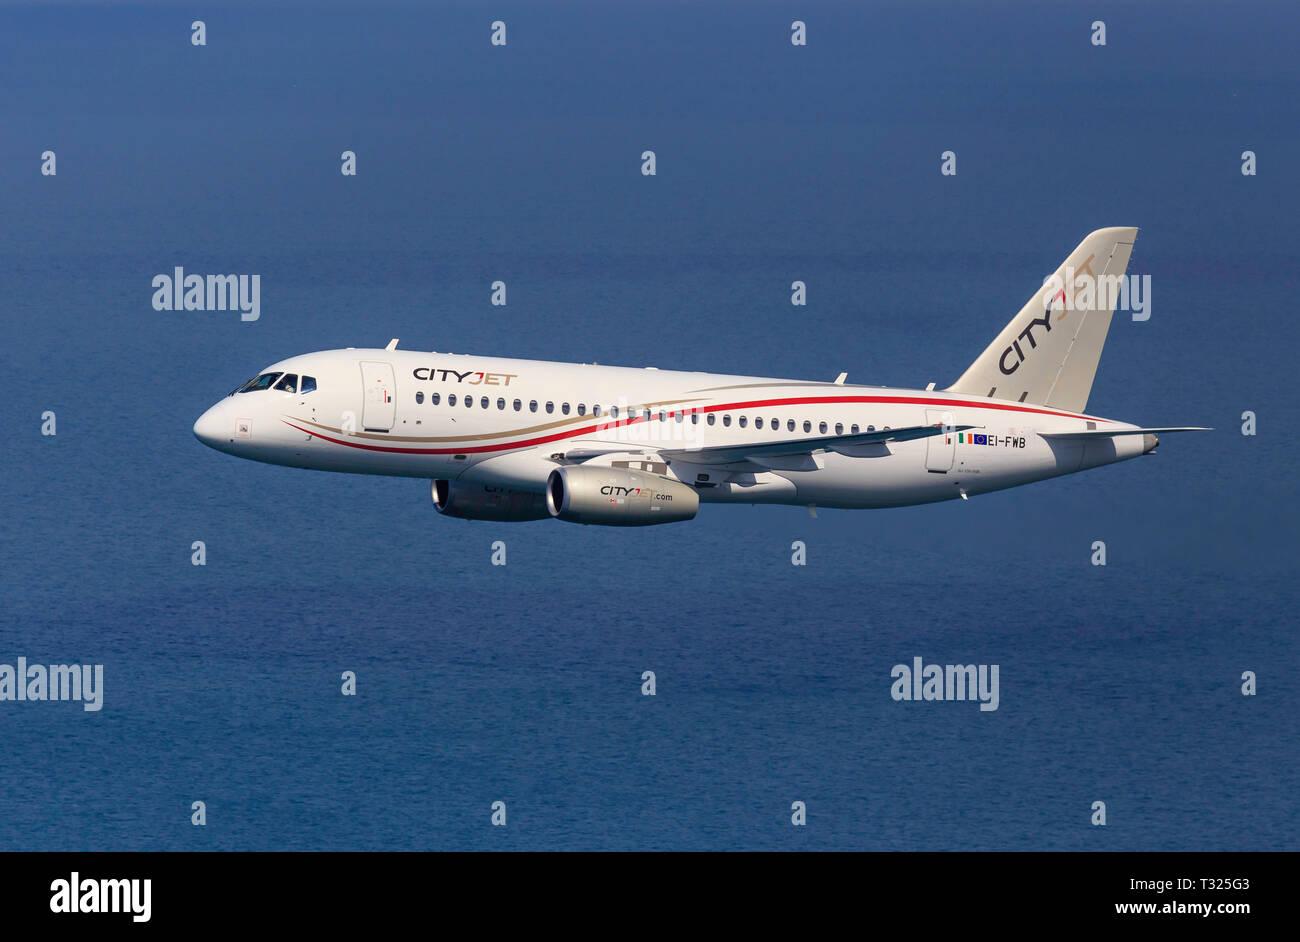 Sukhoi Superjet 100, Cityjet EI-FWB - Stock Image